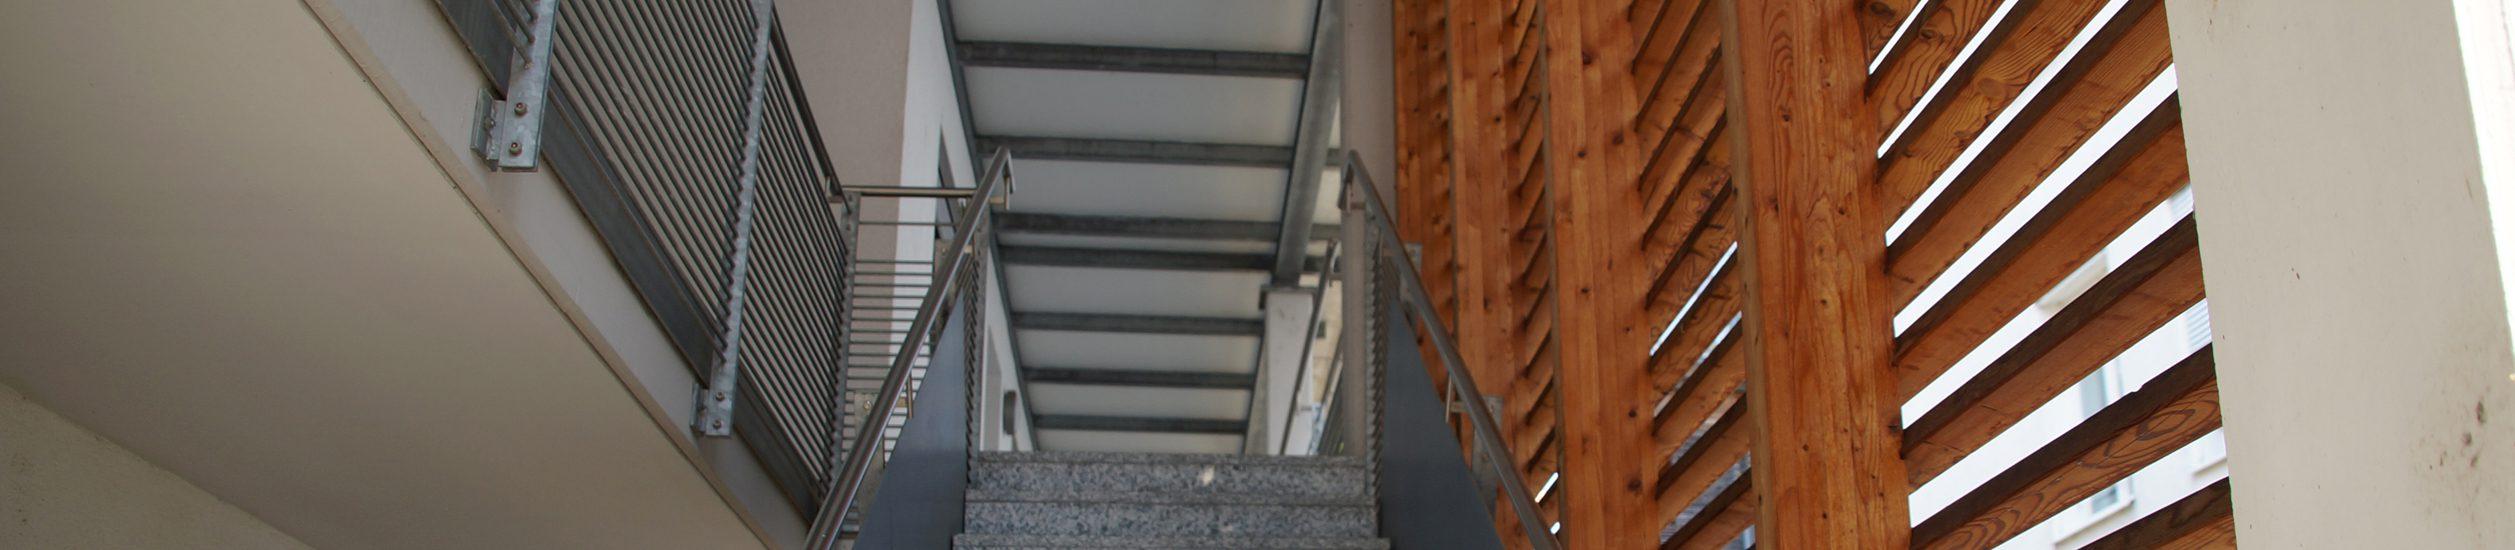 Neubau eines Wohn- und Geschäftsgebäudes mit zweigeschossiger Tiefgarage in Lindau - Inselgraben